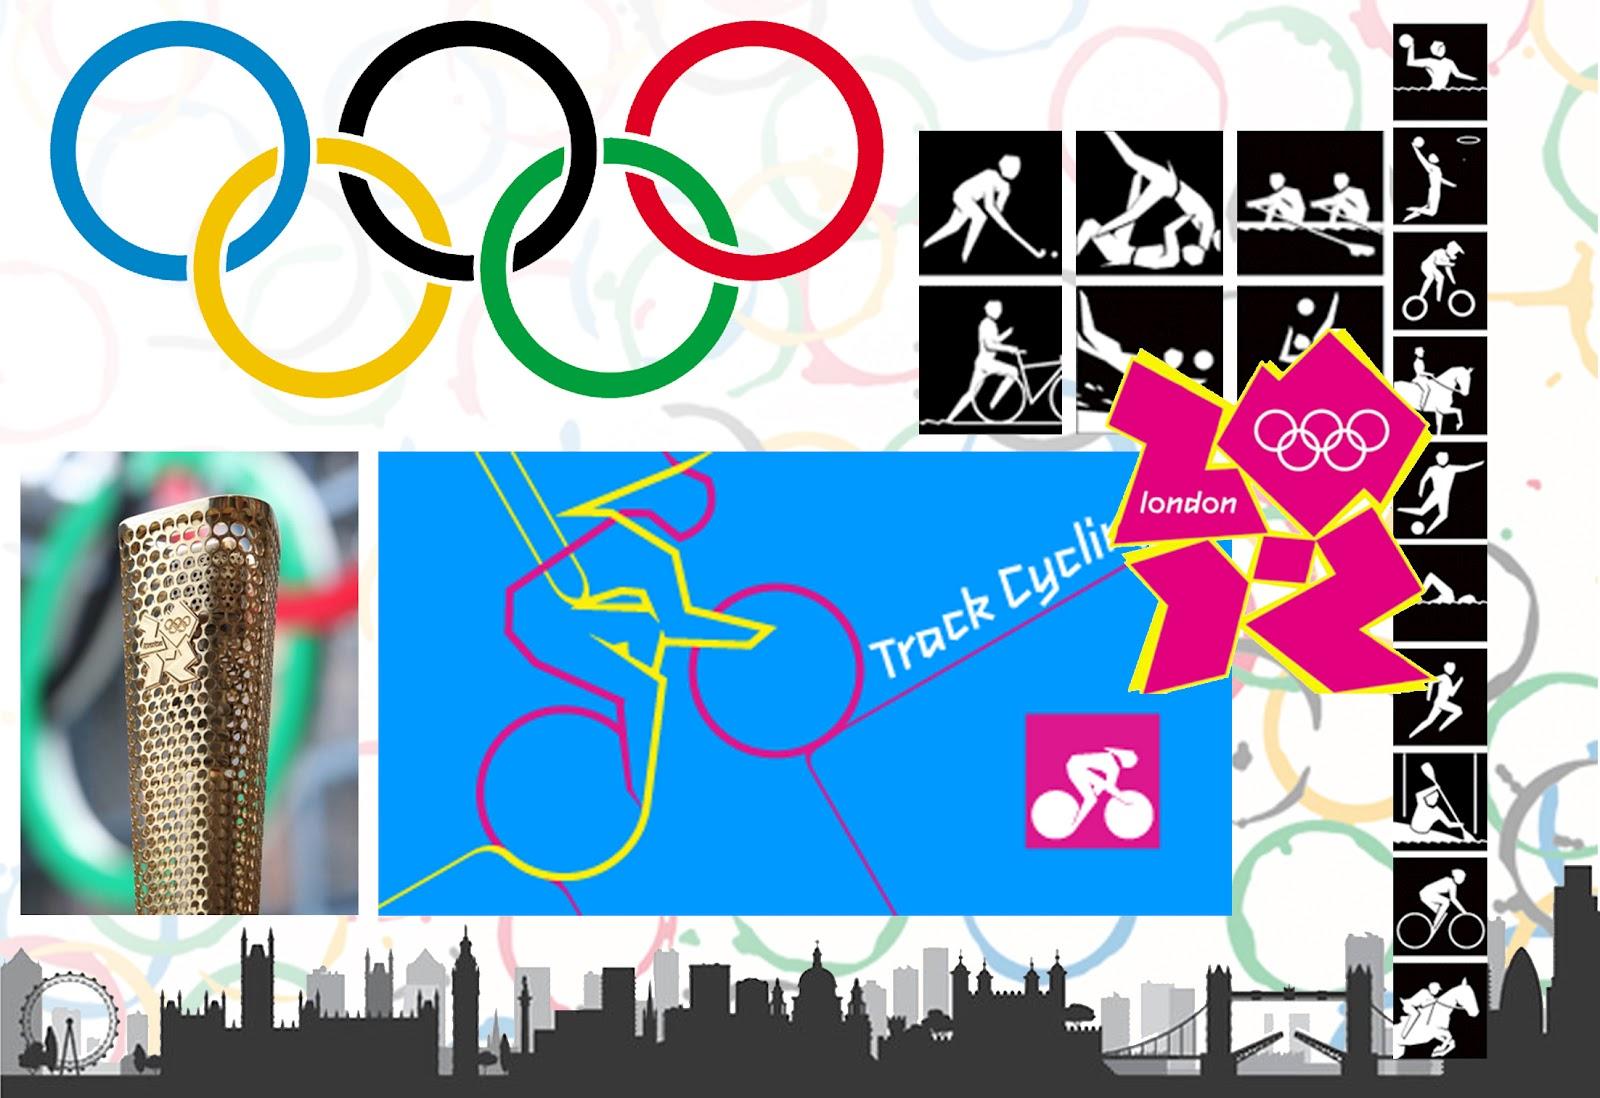 http://1.bp.blogspot.com/-aLtbzPw07xE/T_i7p59SZTI/AAAAAAAAA4Q/b8i1R2SP9QU/s1600/Olympic+Wallpaper+2012.jpg